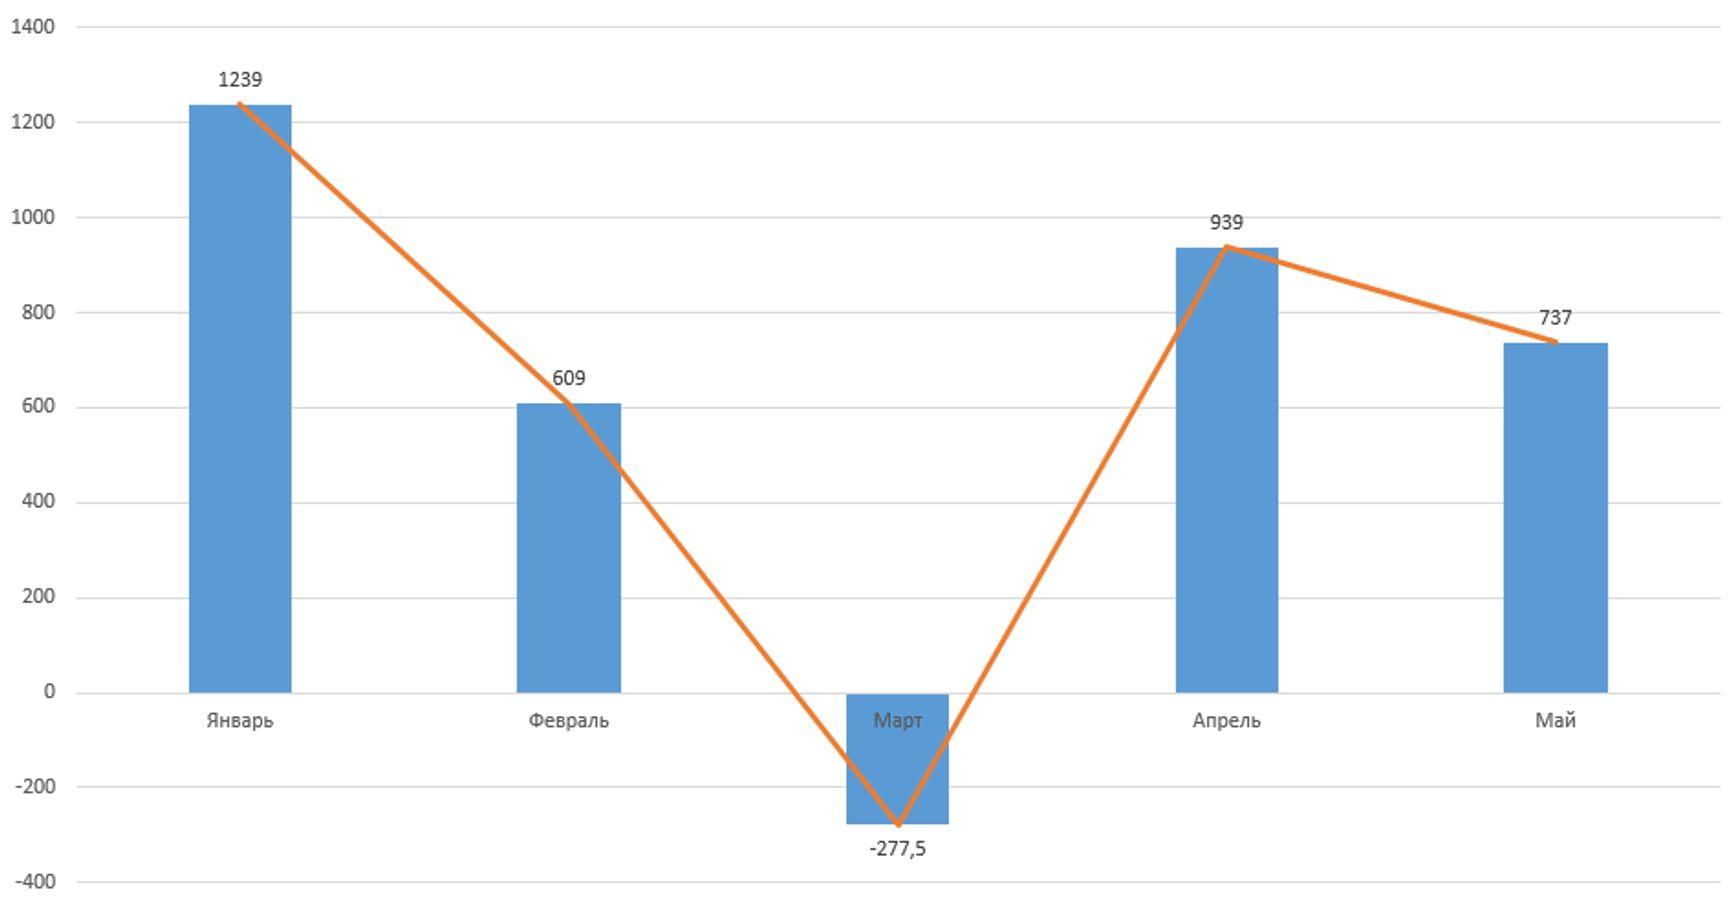 Суммарная прибыль российских предприятий по месяцам 2020 года согласно исследованию FinExpertiza, млрд руб.